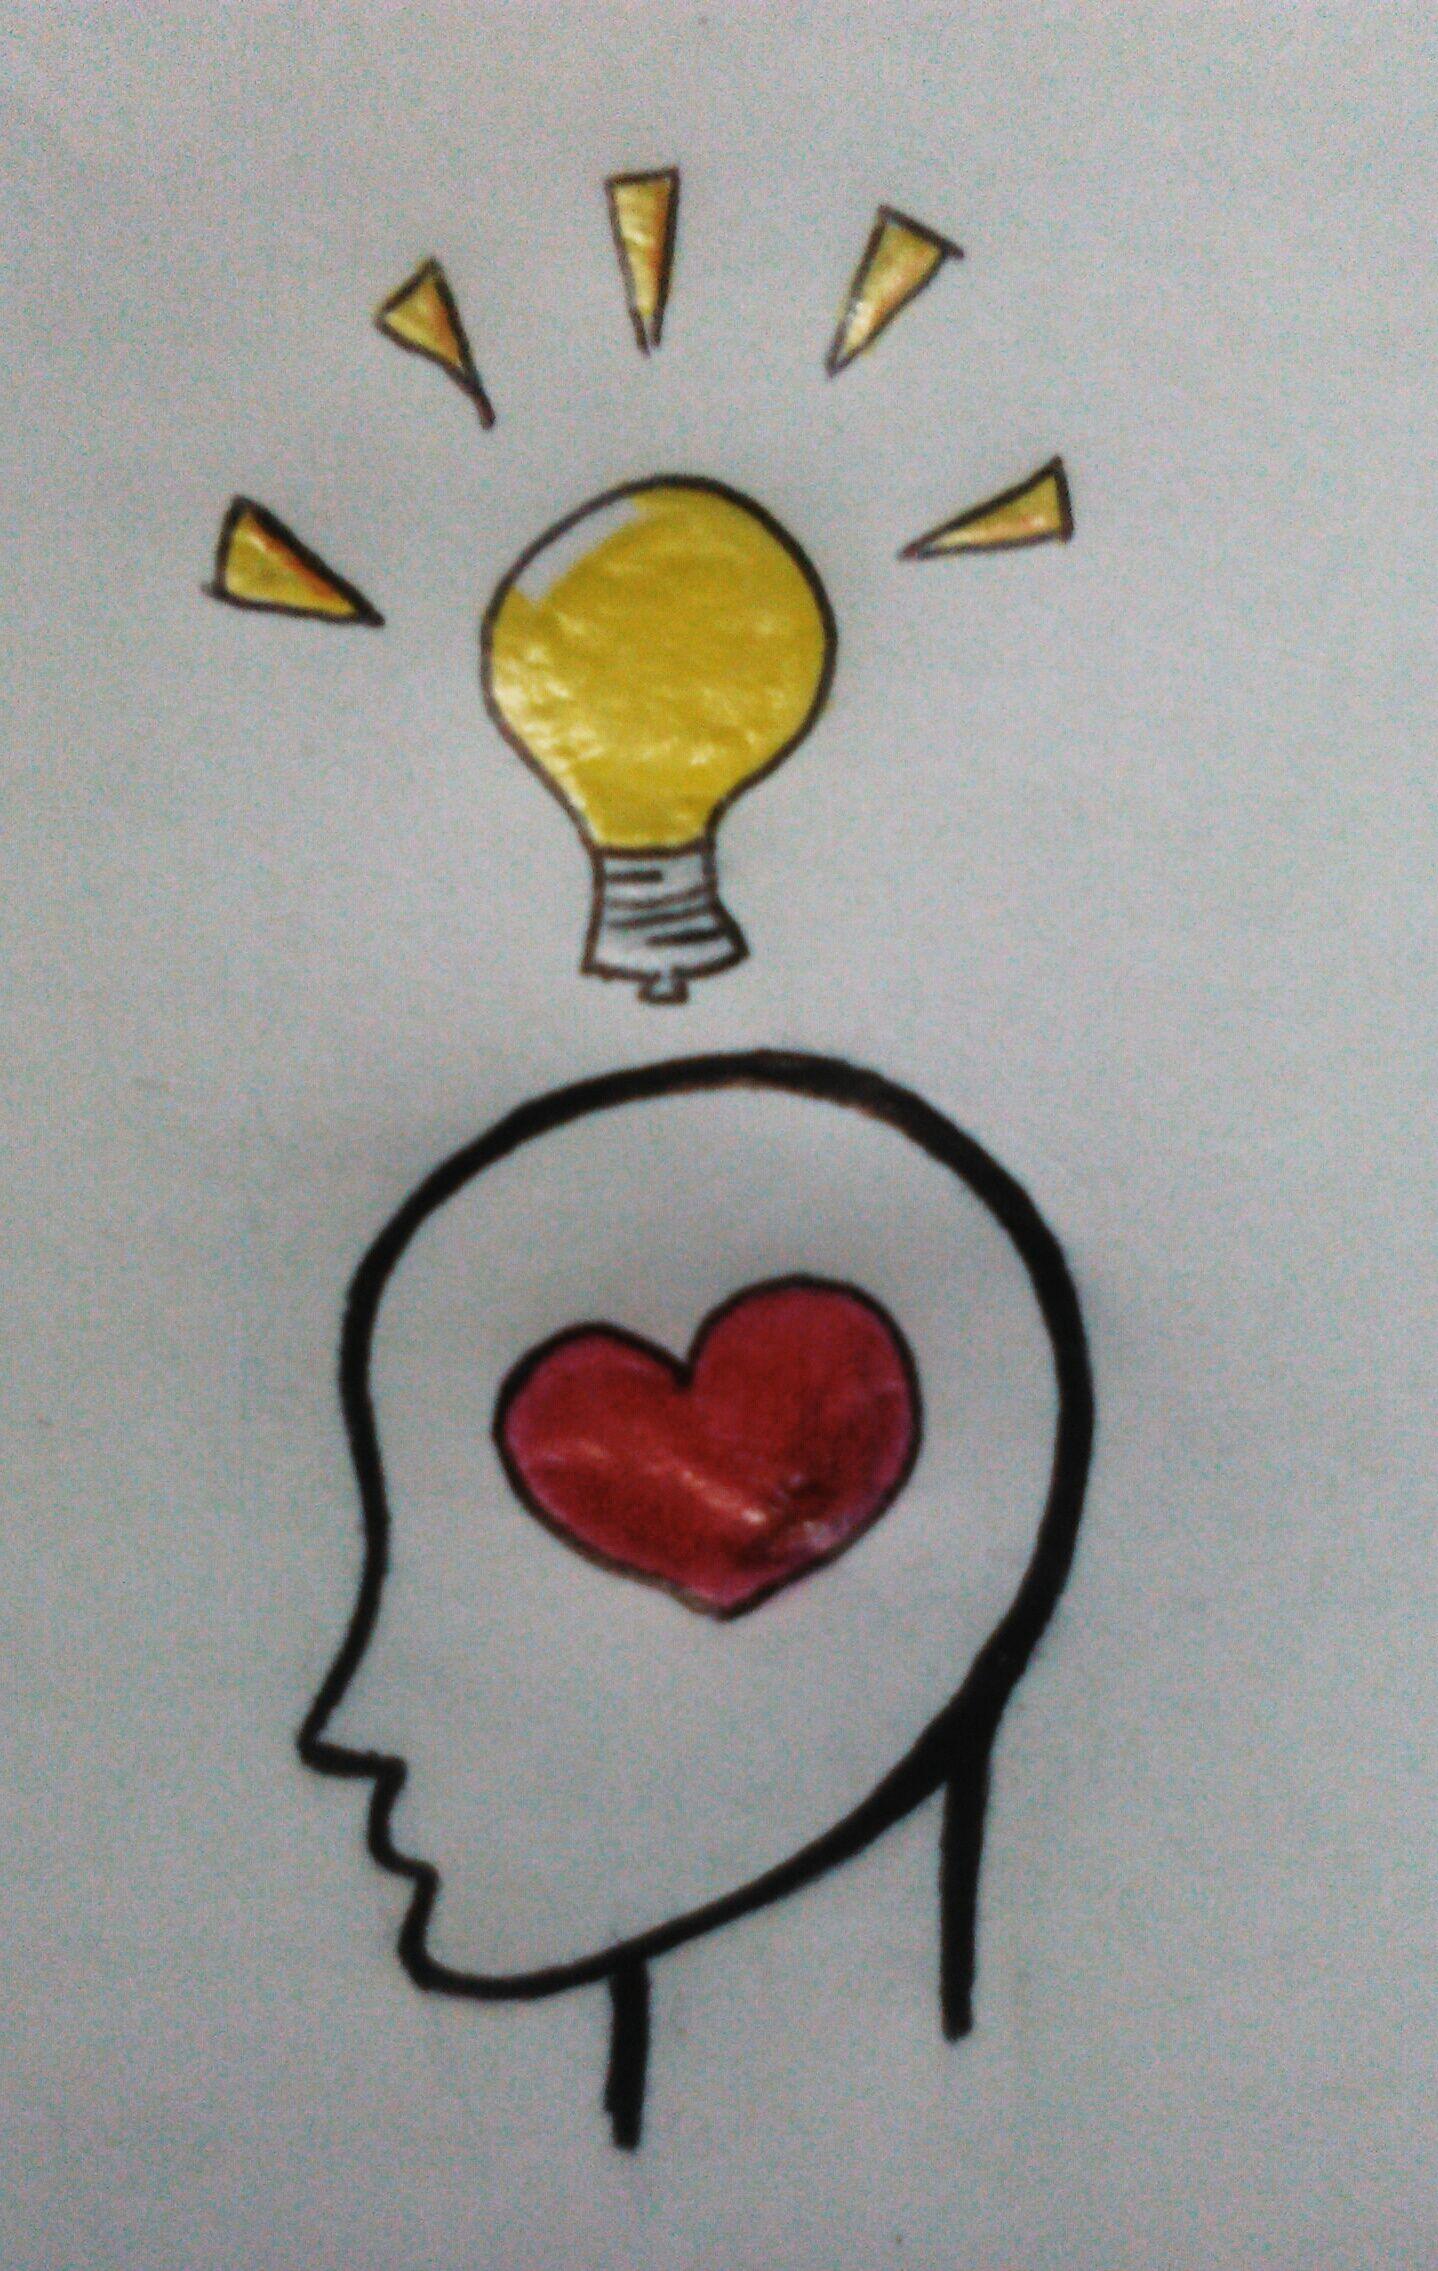 La   persona humana tiene  características similares a los  animales y plantas. Sin embargo, se diferencia de ellos porque posee  facultades intelectivas.  Es así, como  la inteligencia  y la  voluntad son las  potencias que  determinan a la persona humana,   como  un ser  superior  y esencialmente bueno.